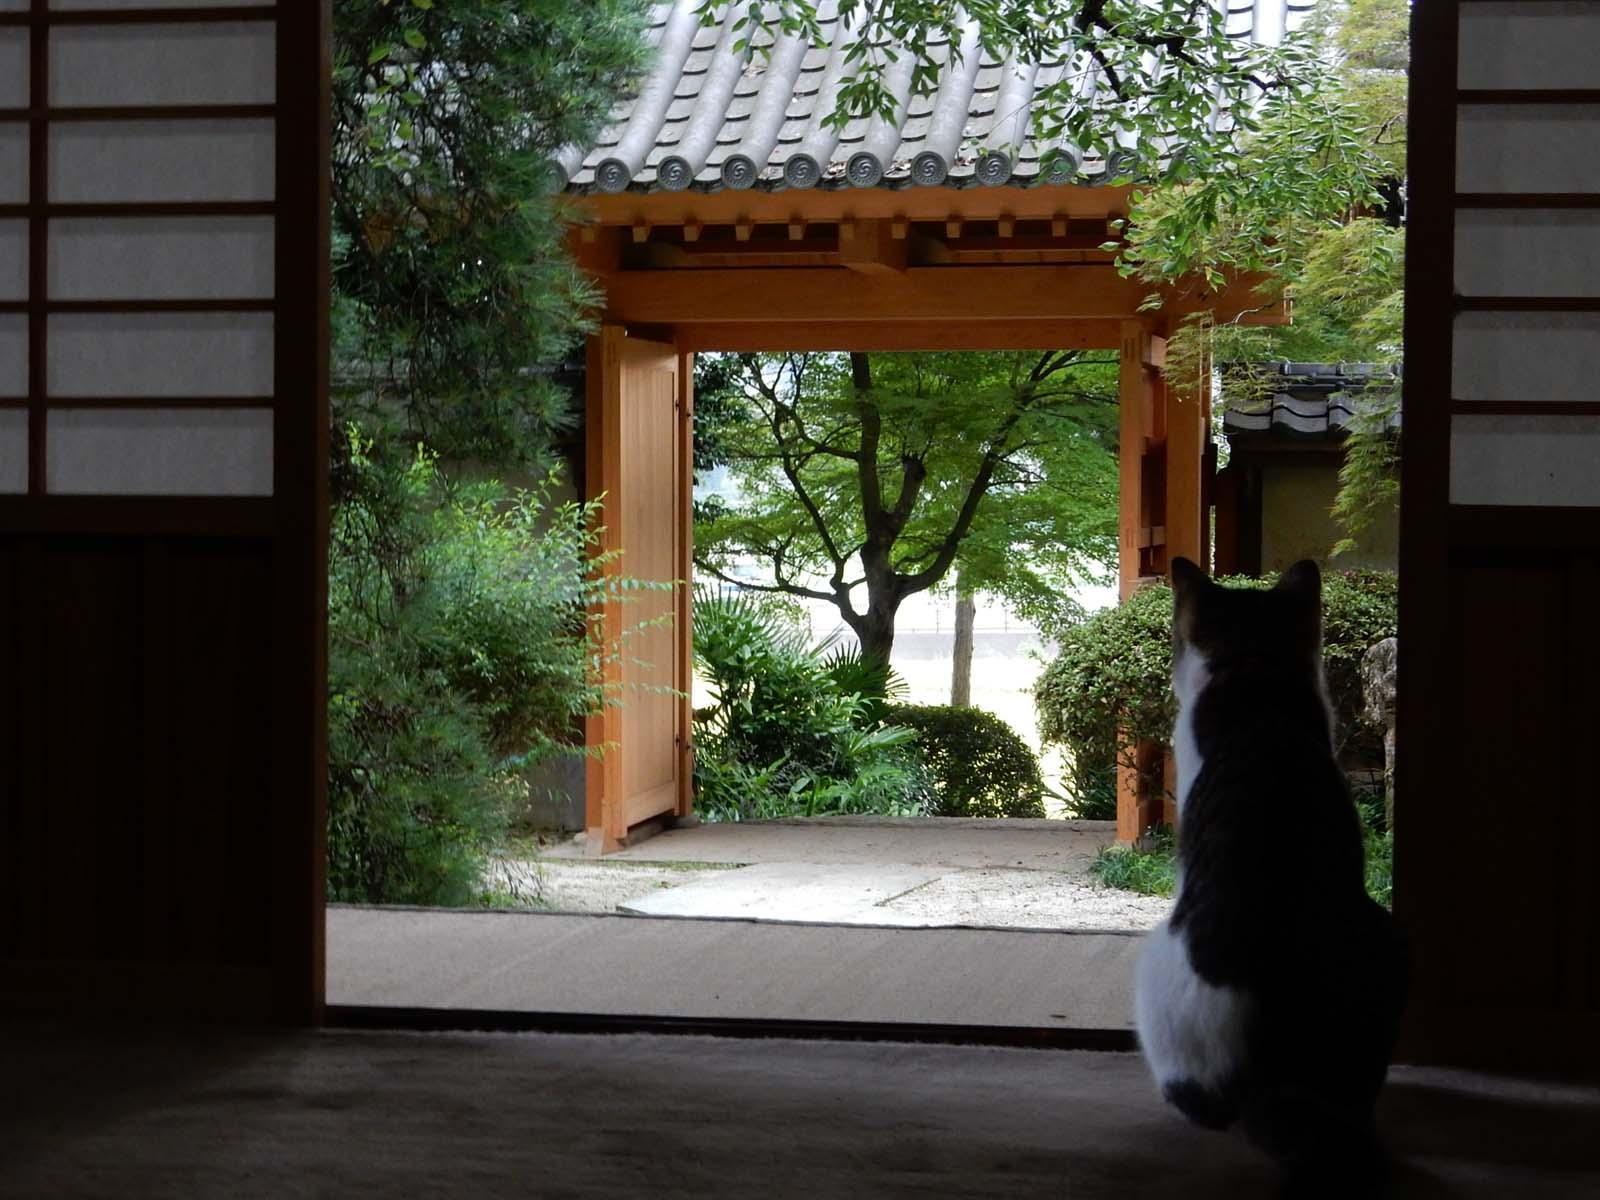 親鸞聖人ゆかりの地で猫と雷雨にあう